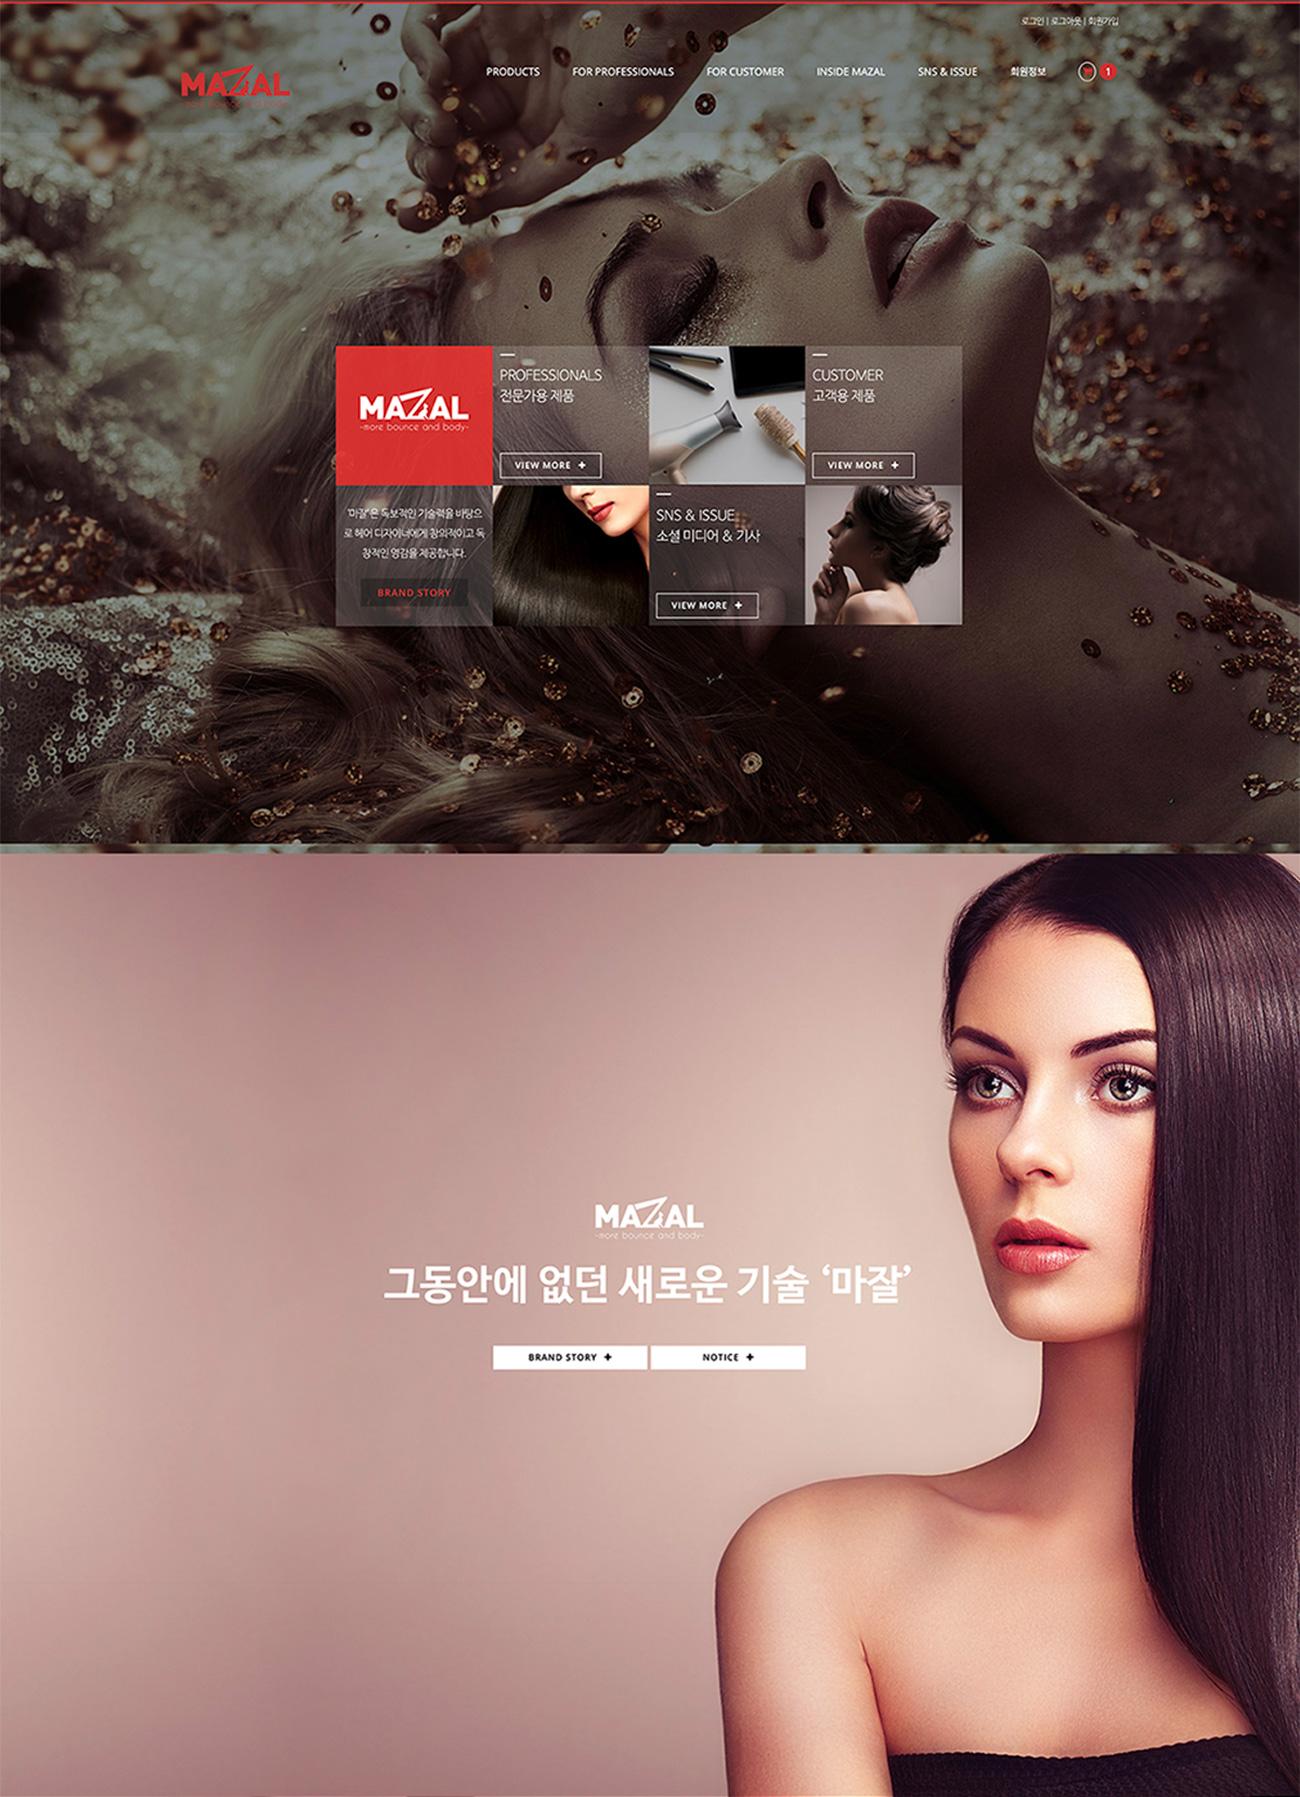 마잘 쇼핑몰 메인 페이지 디자인